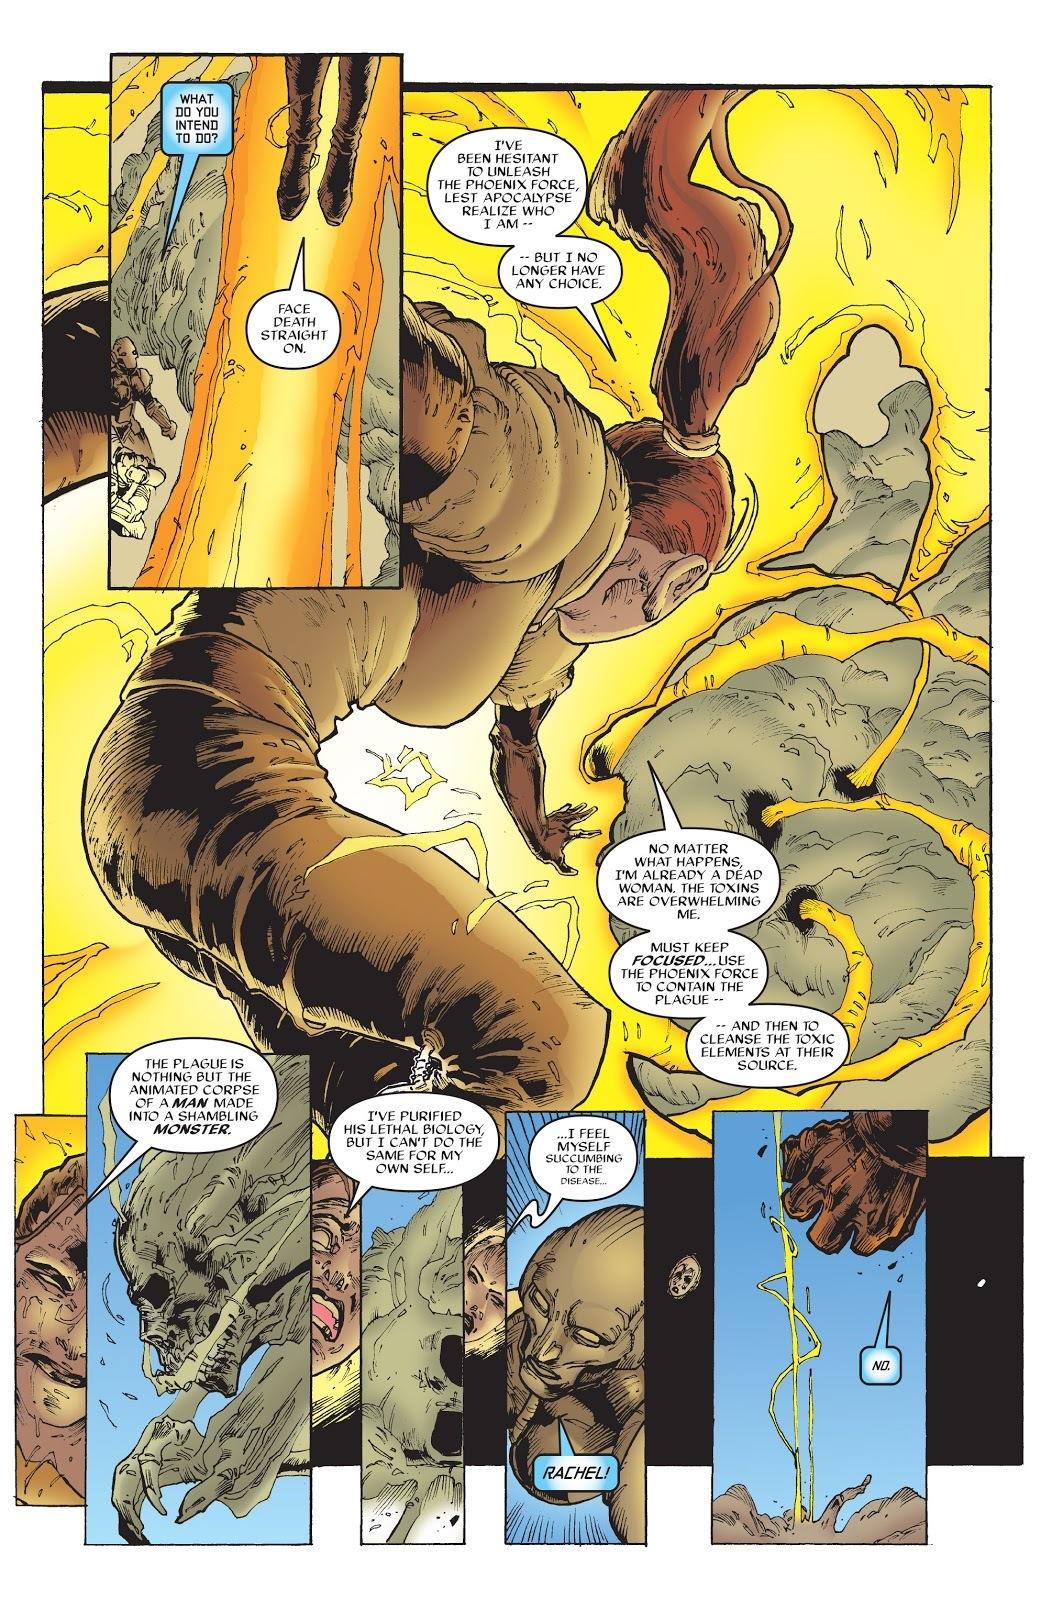 The Plague, a mutant who releases a poisonous disease is purified by Rachel - X-Men Phoenix #3